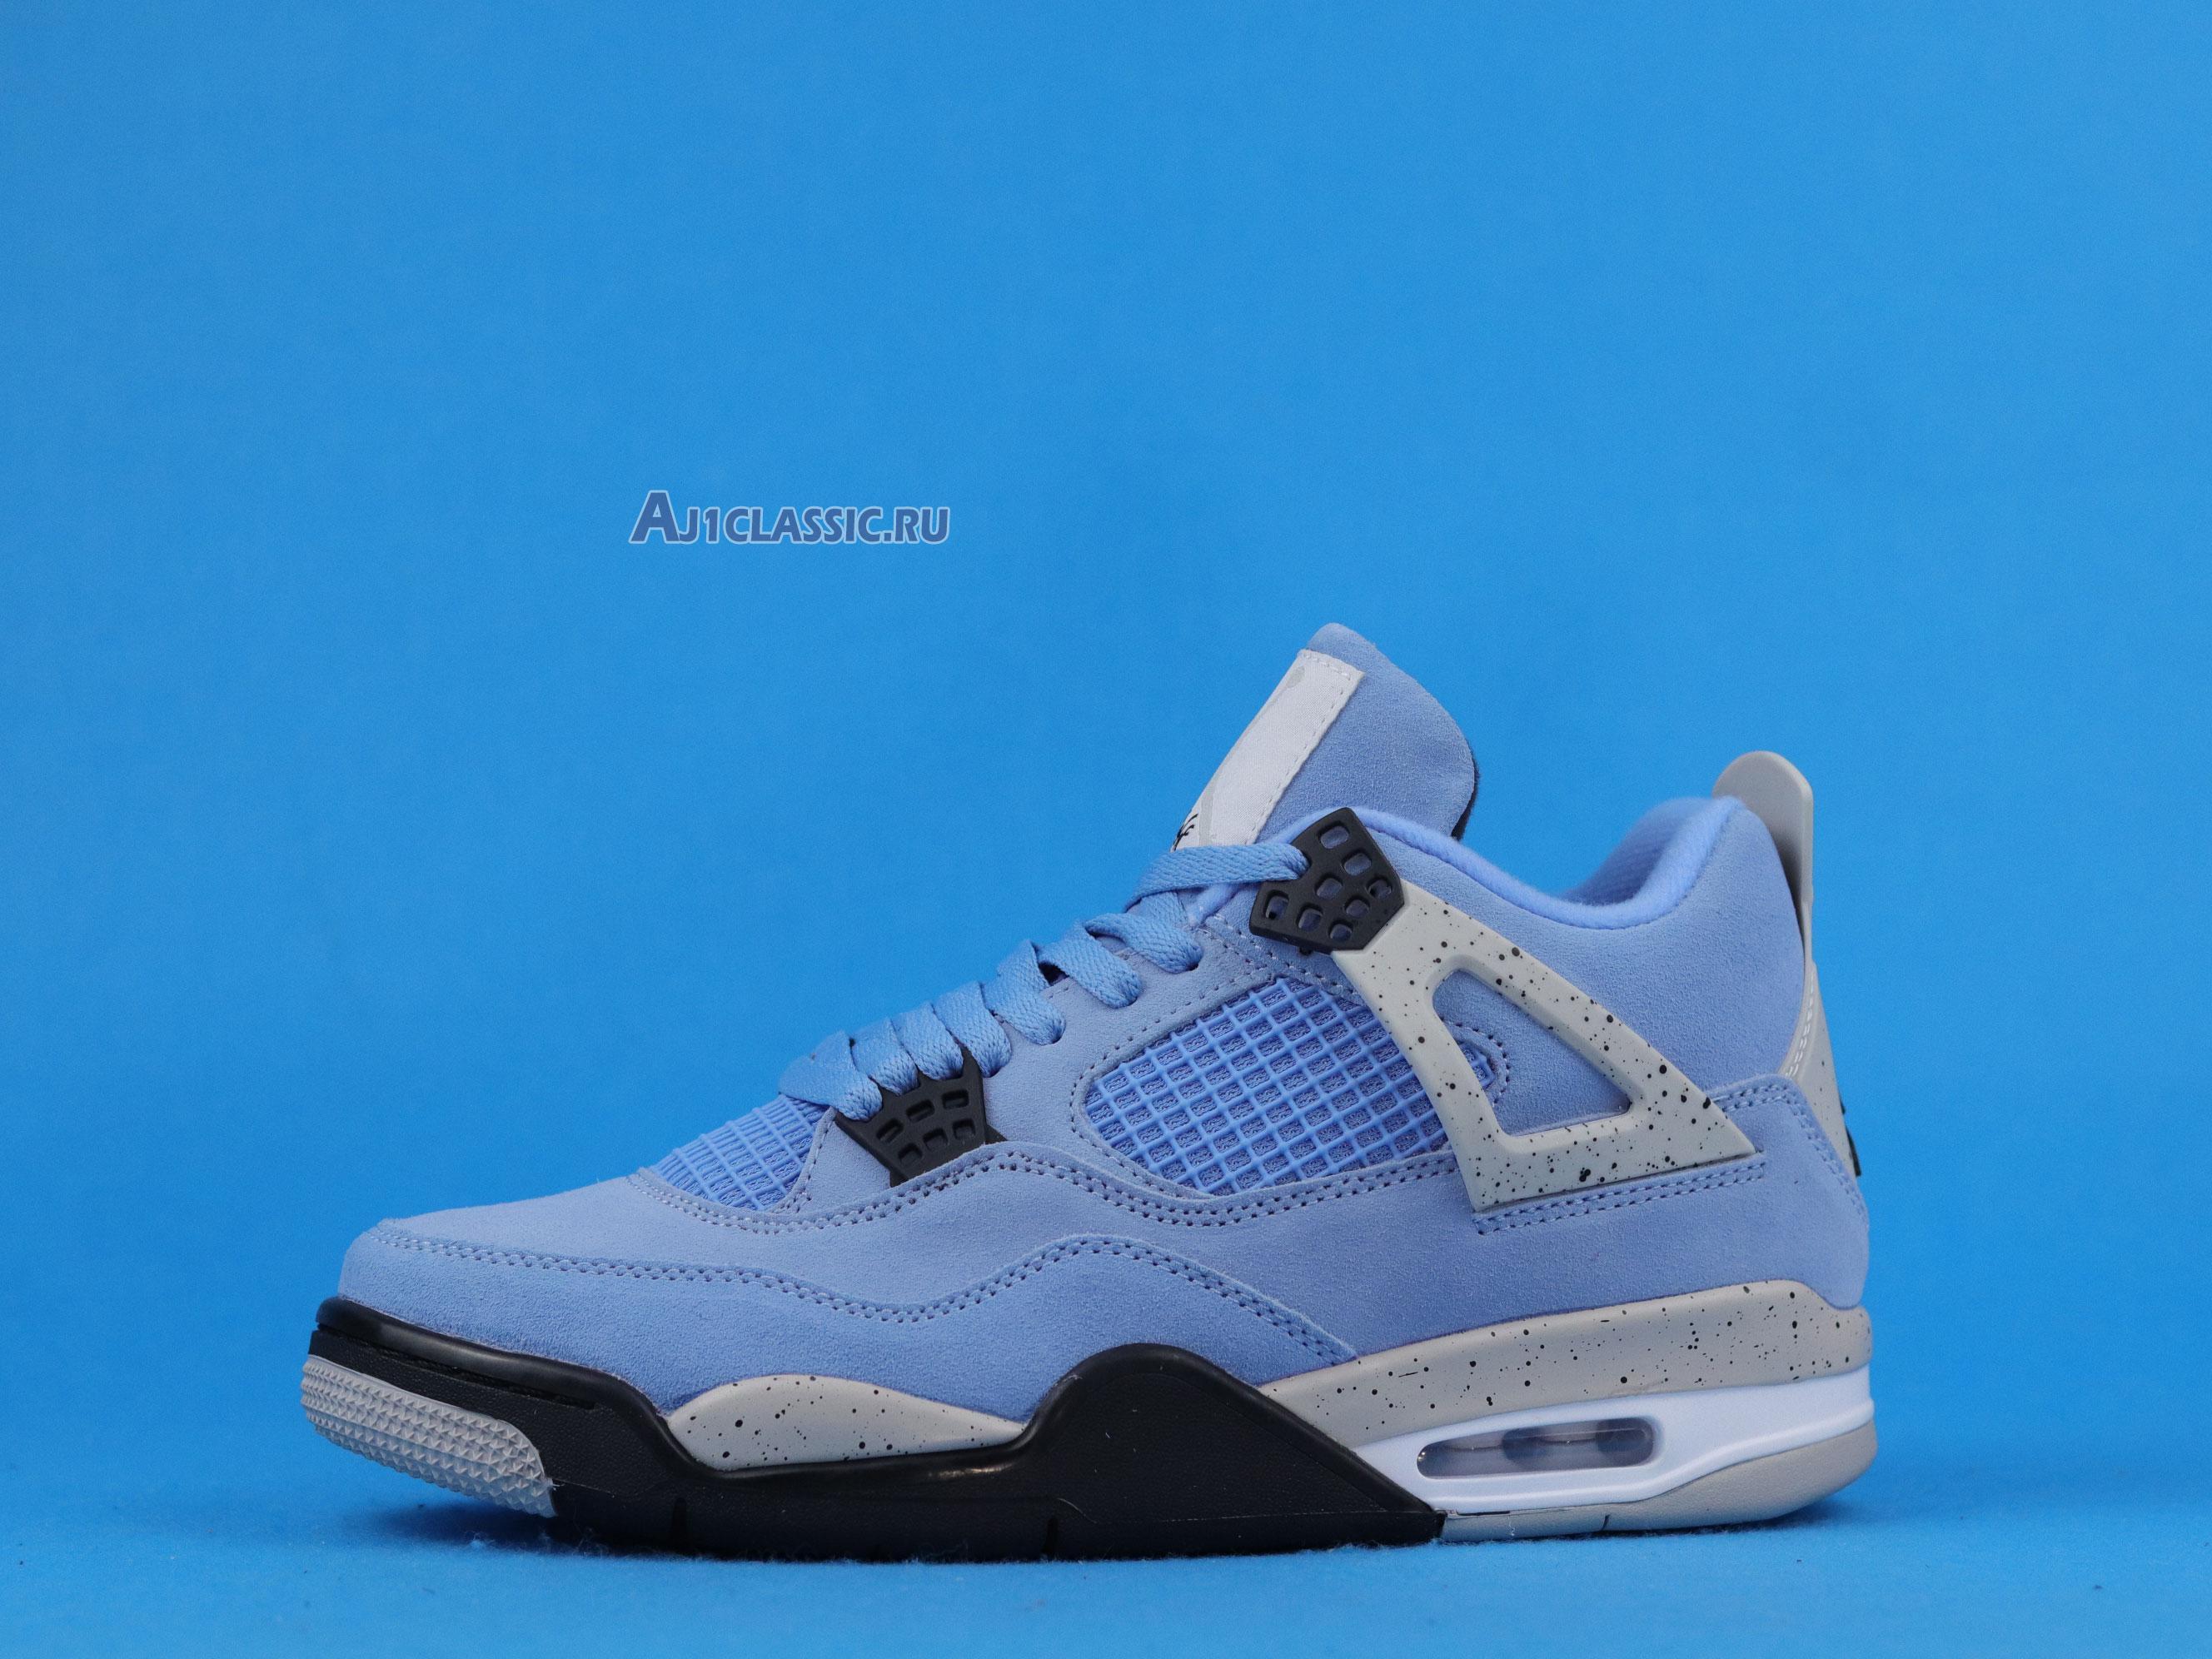 """Air Jordan 4 Retro """"University Blue"""" CT8527-400"""